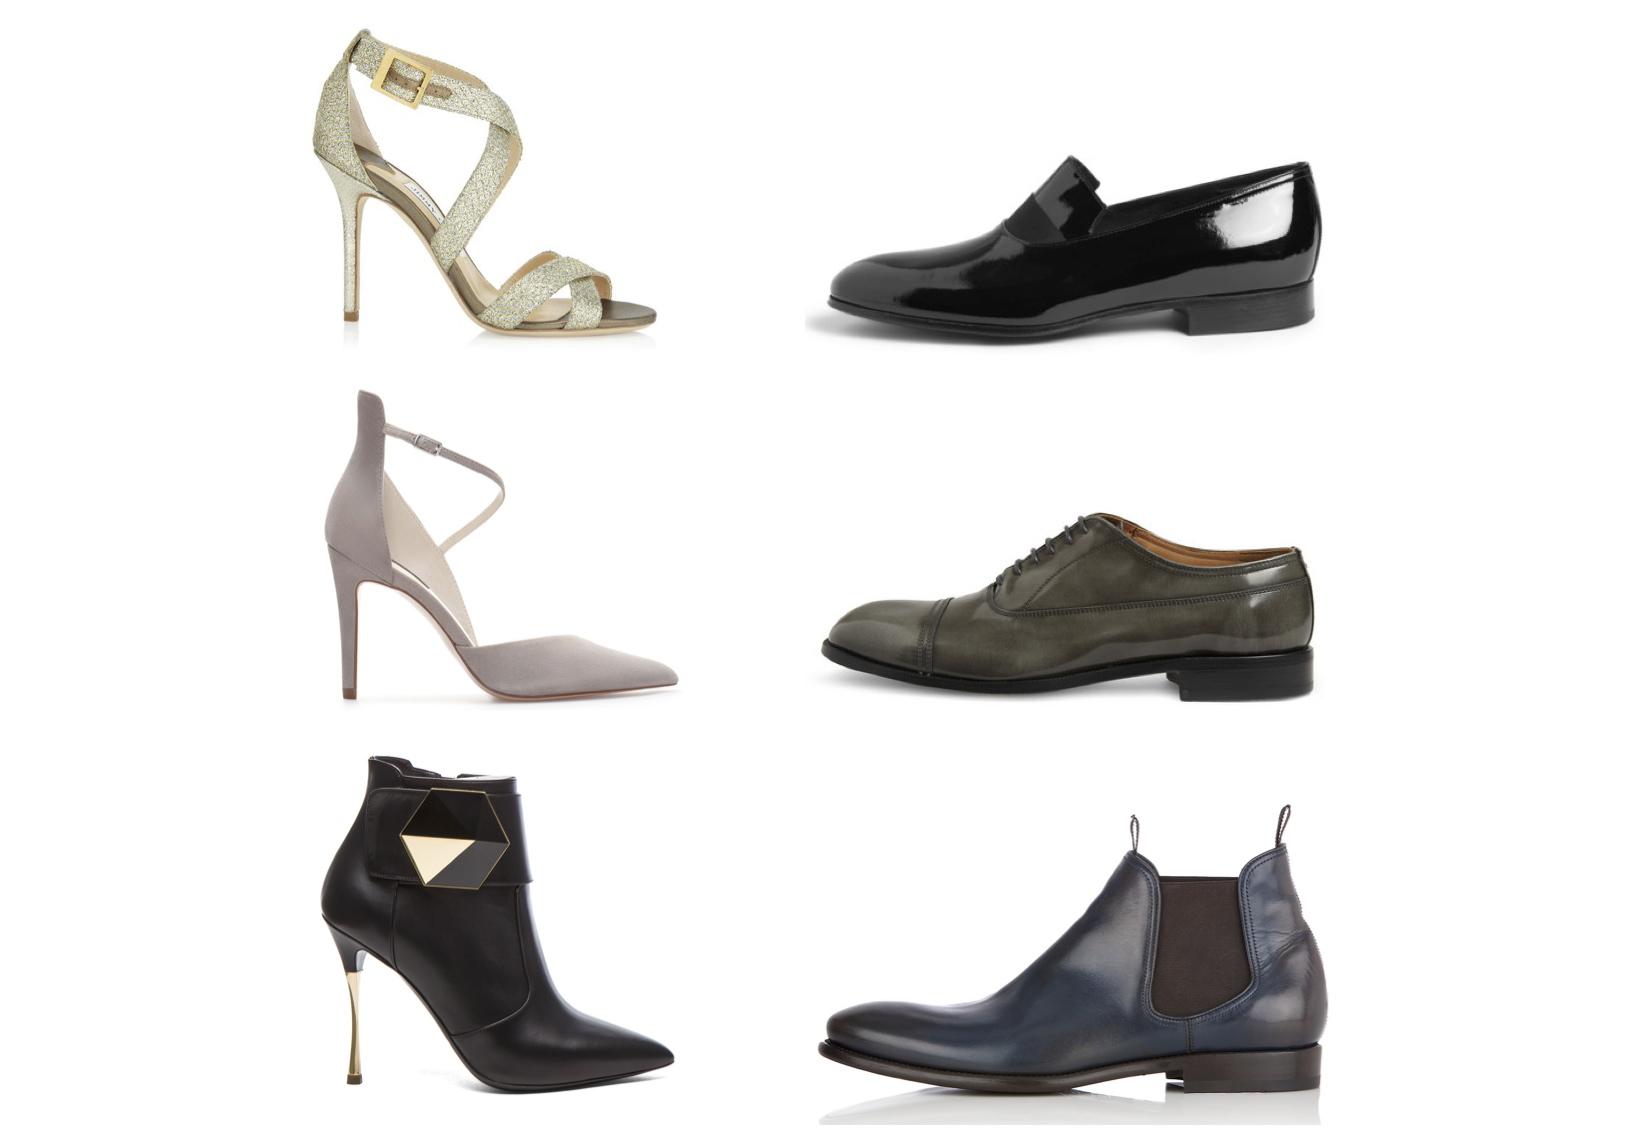 NYE shoes all.jpg